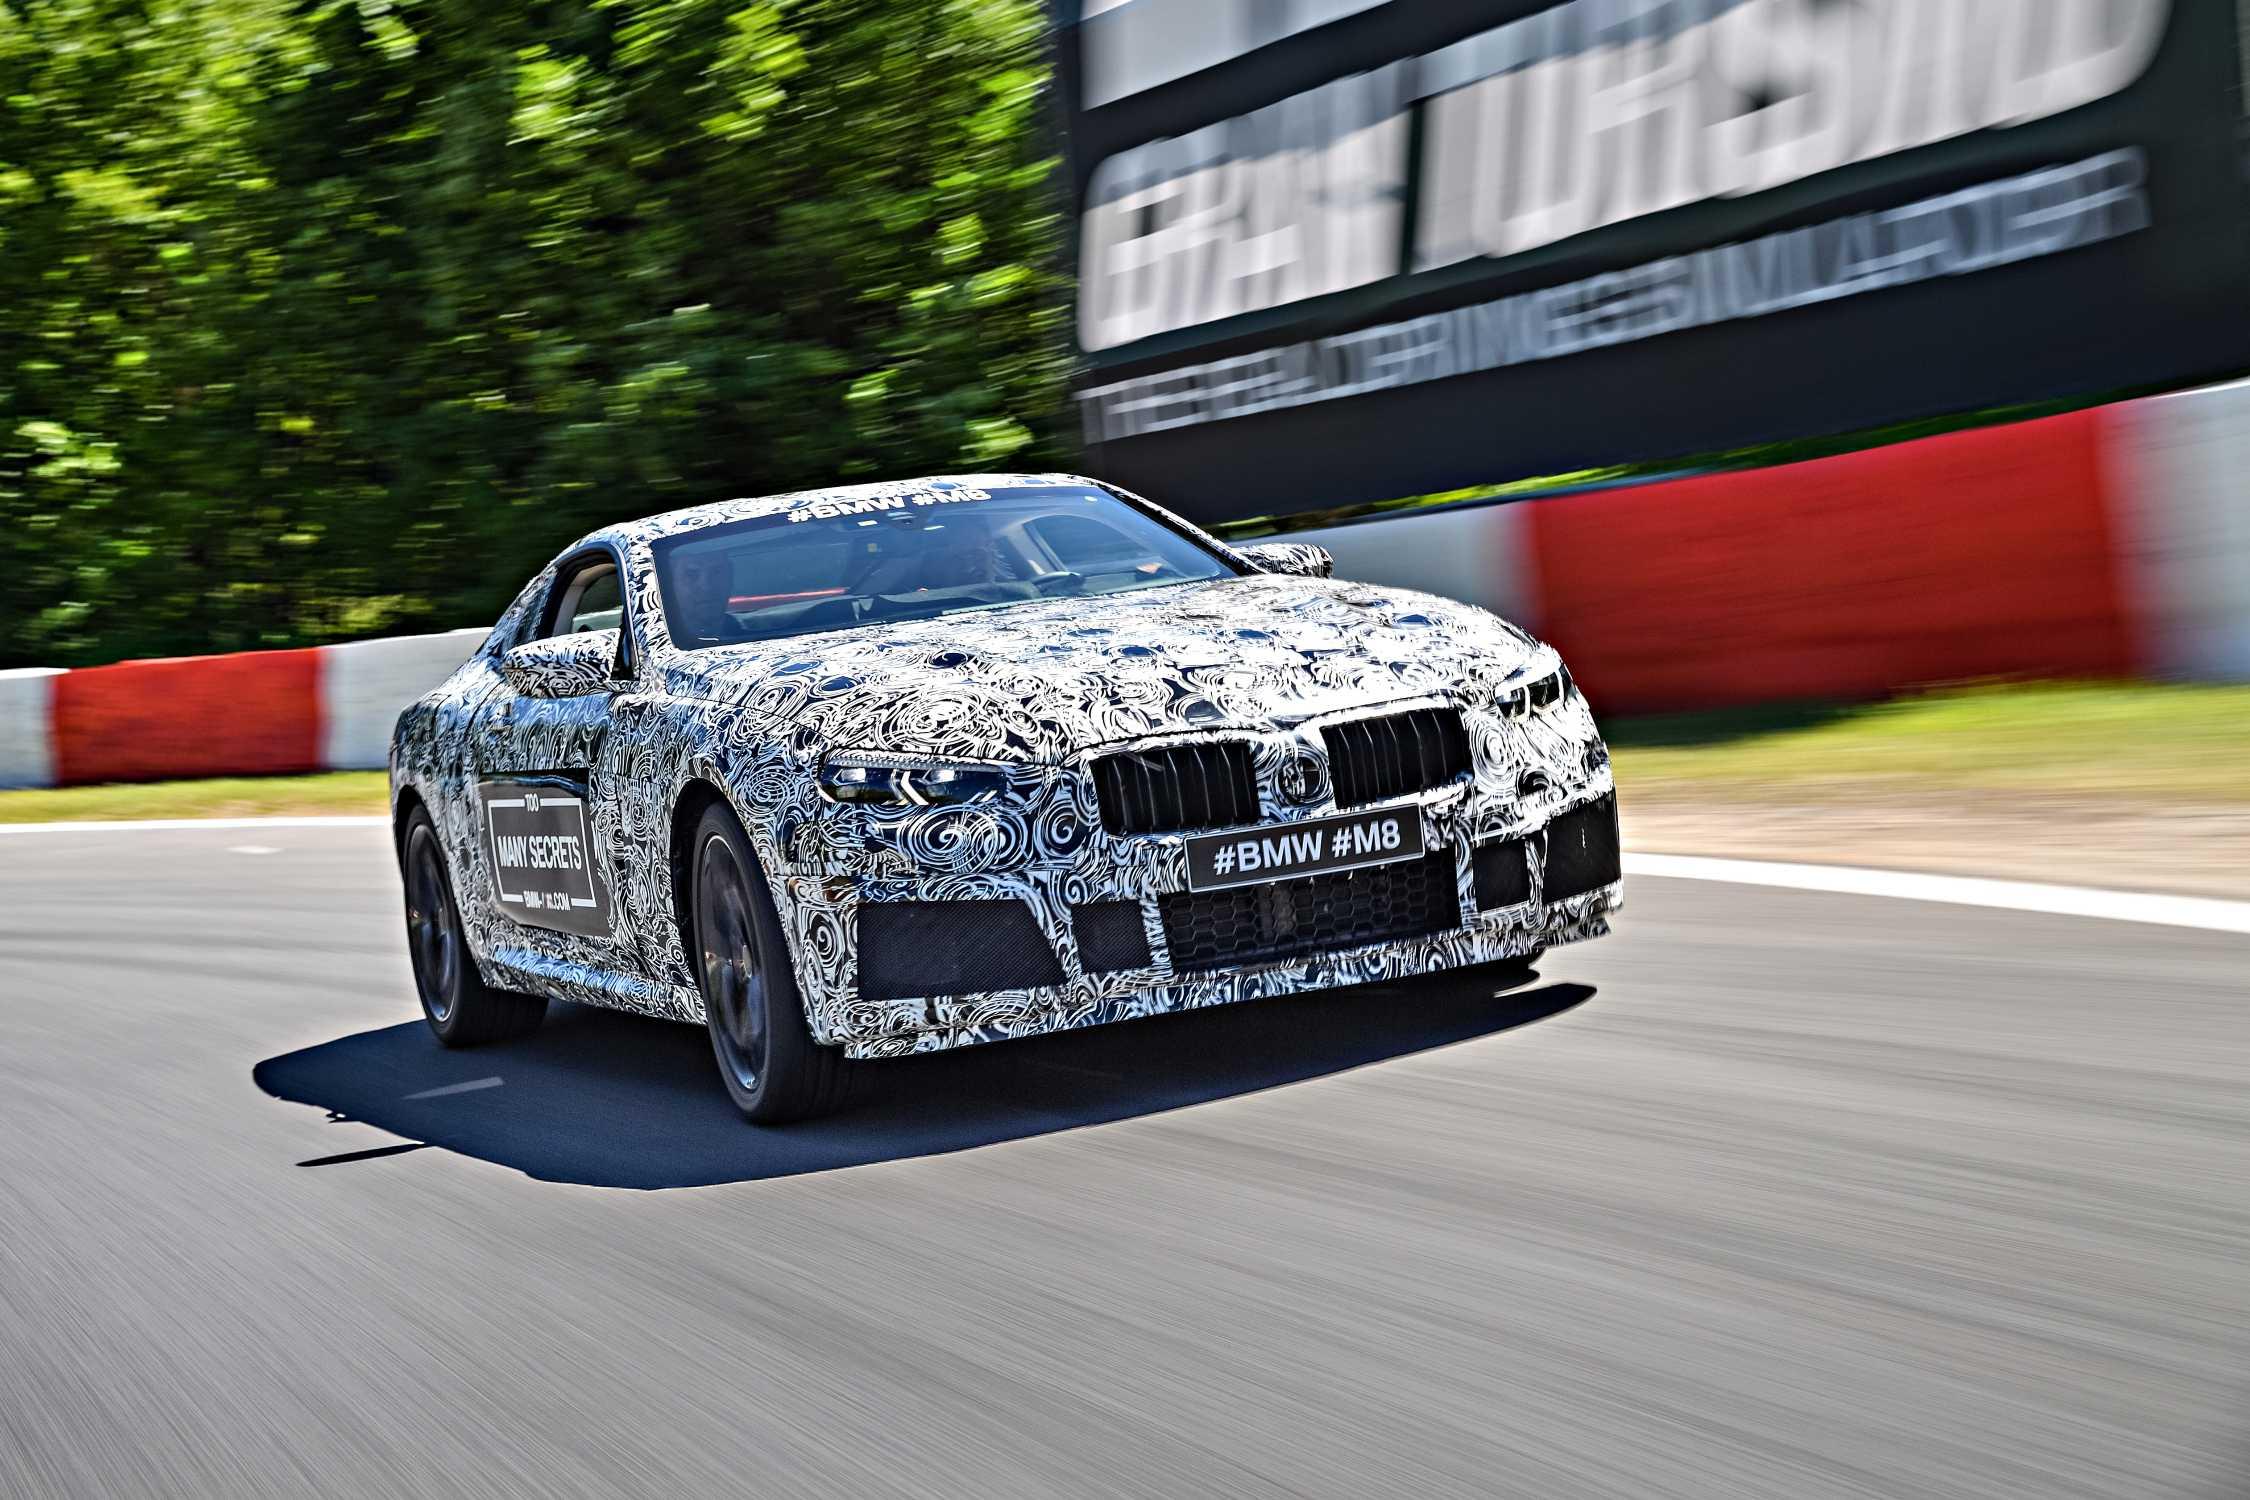 The BMW M8 - sporty BMW 8